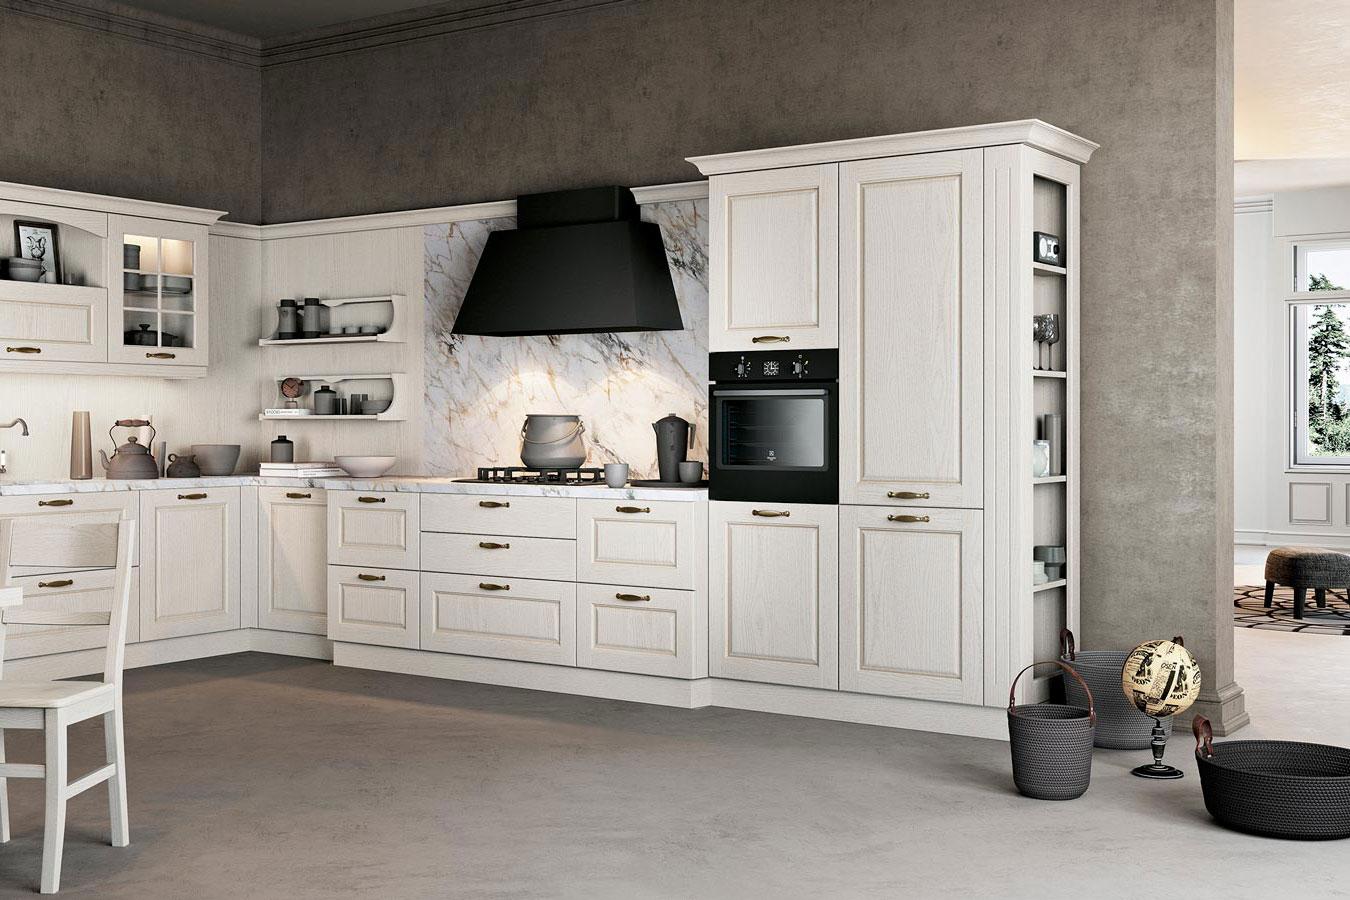 Cucina classica Asolo di Arredo3 da righetti mobili a Novara Piemonte